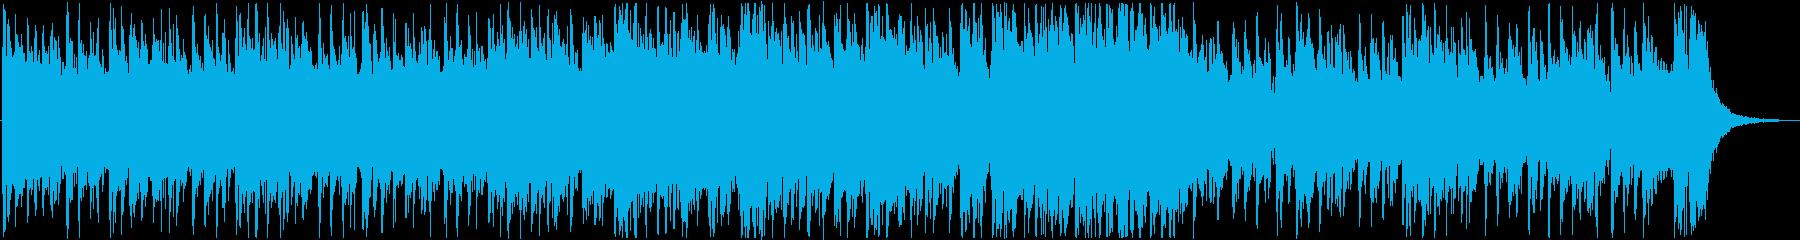 ダークで響きがかっこいいメロディーの再生済みの波形